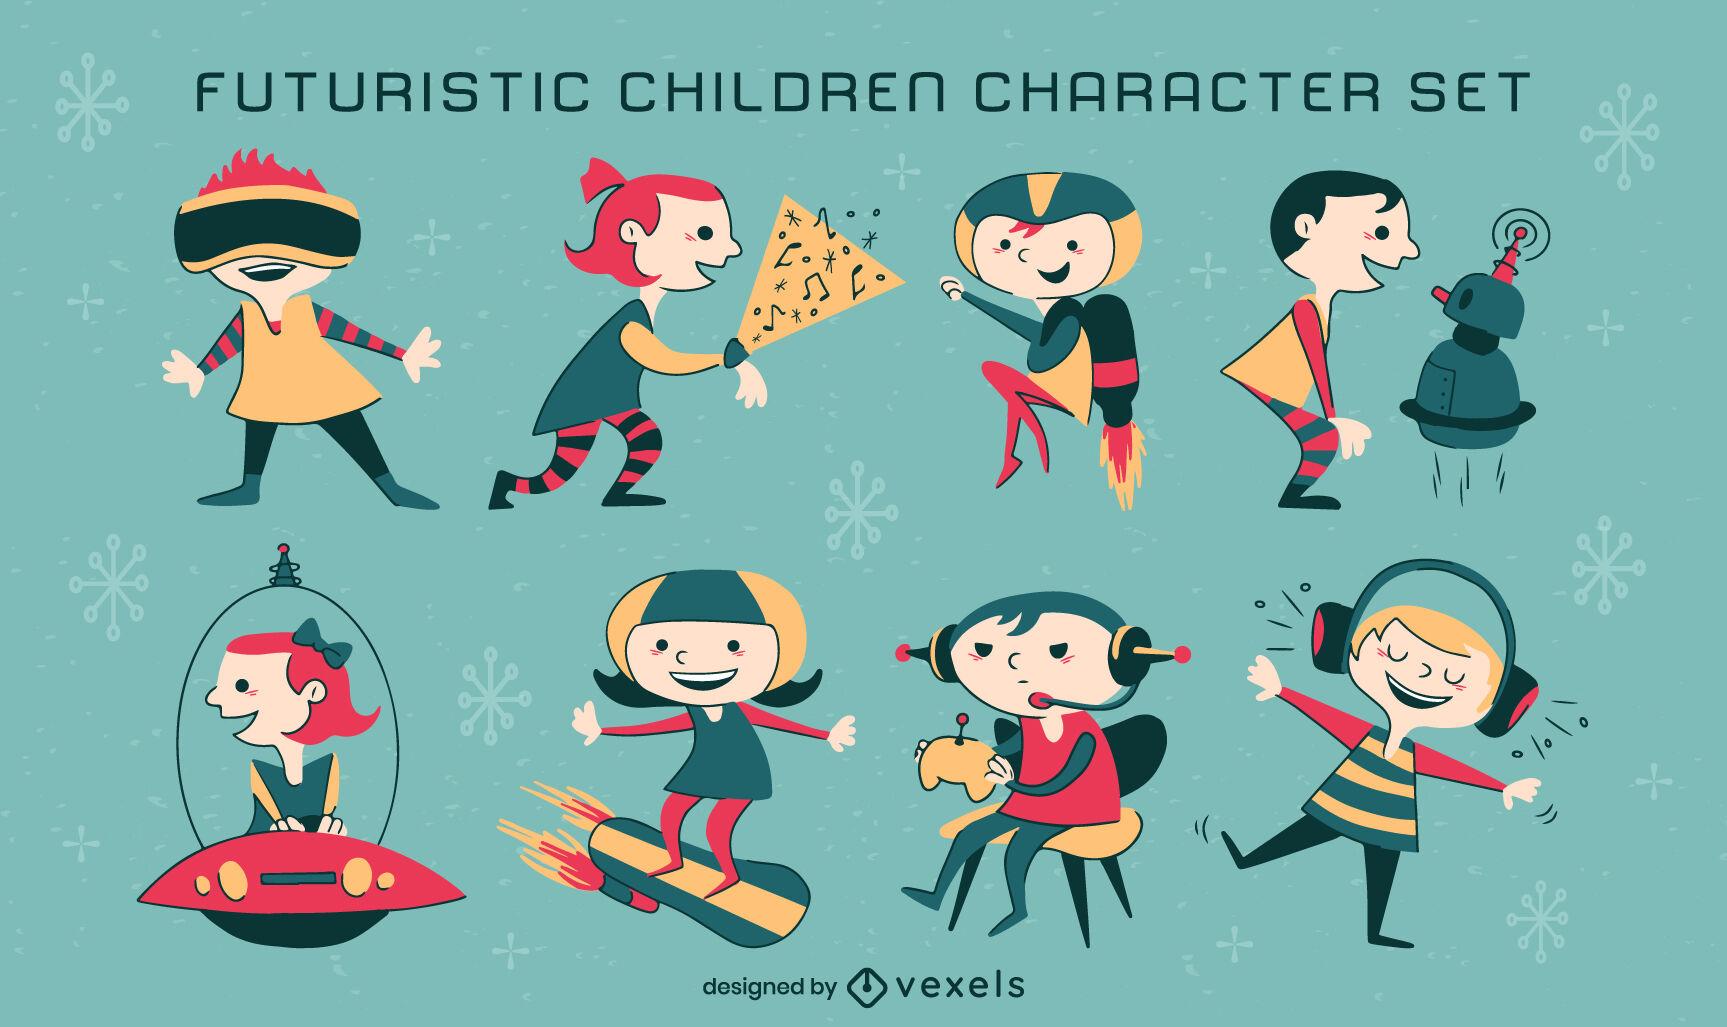 Children futuristic retro cartoon set